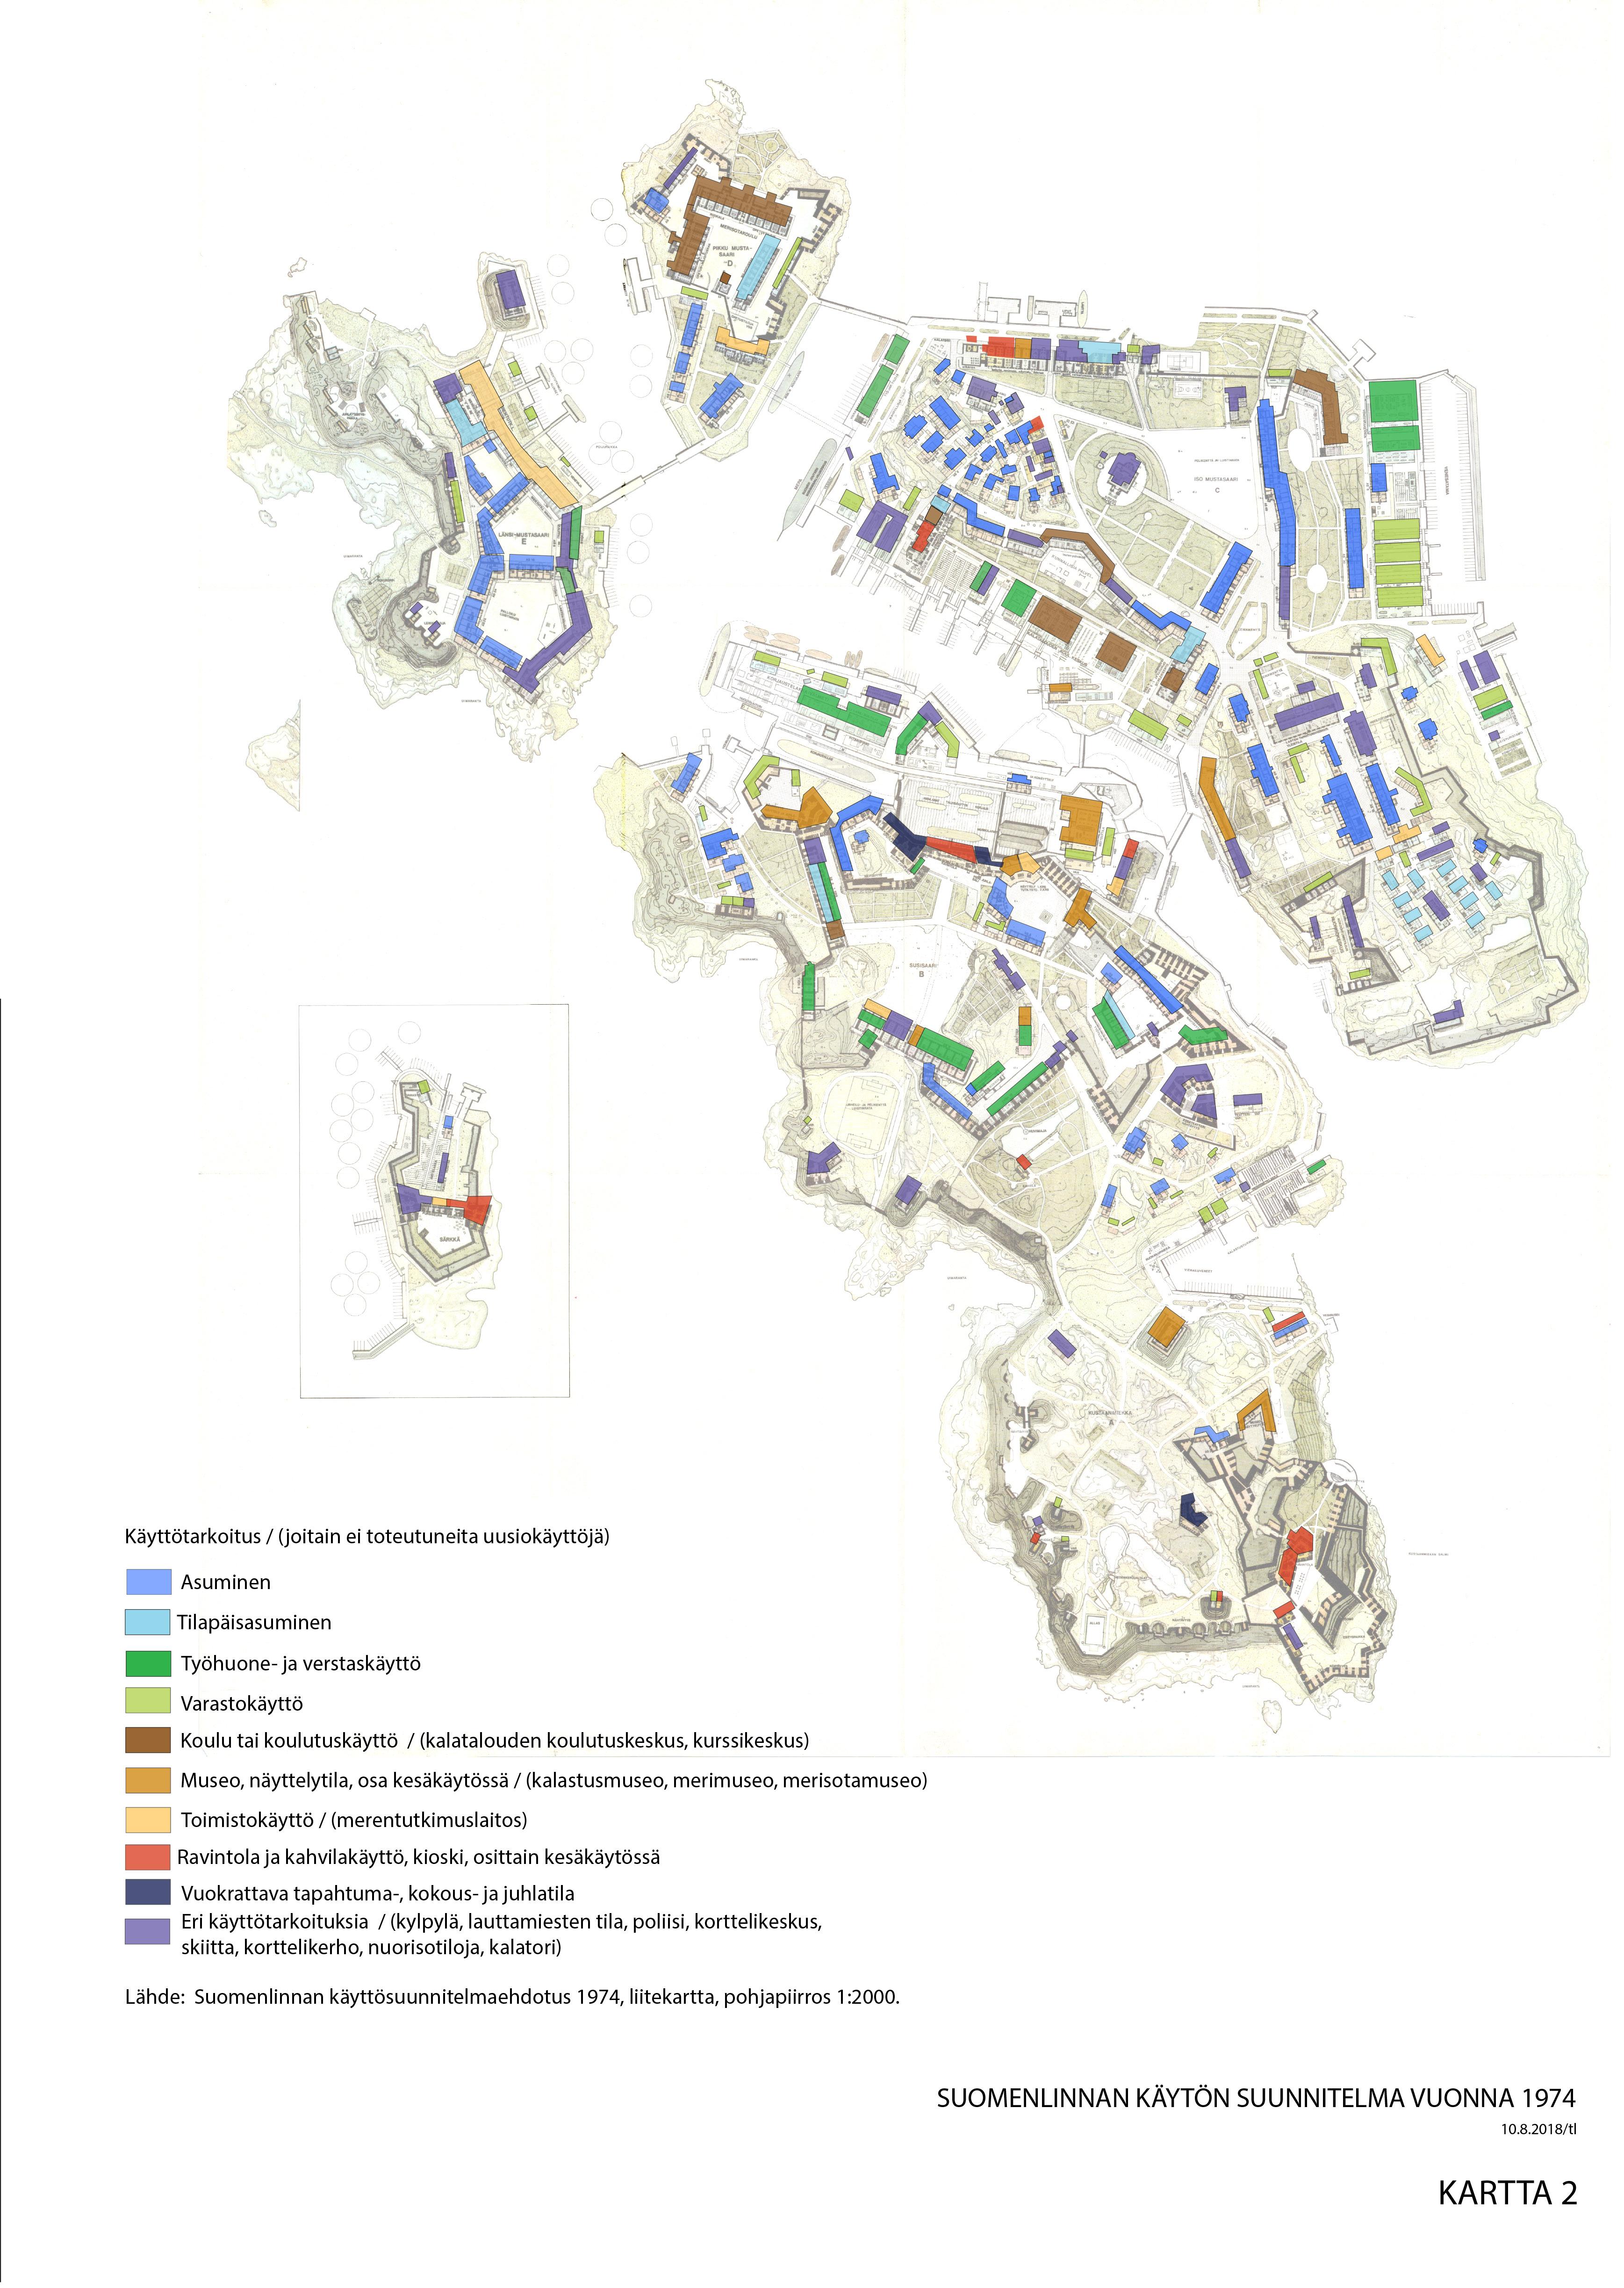 Karttapohja, jossa värikoodein on merkattu eri rakennusten käyttötarkoitukset.